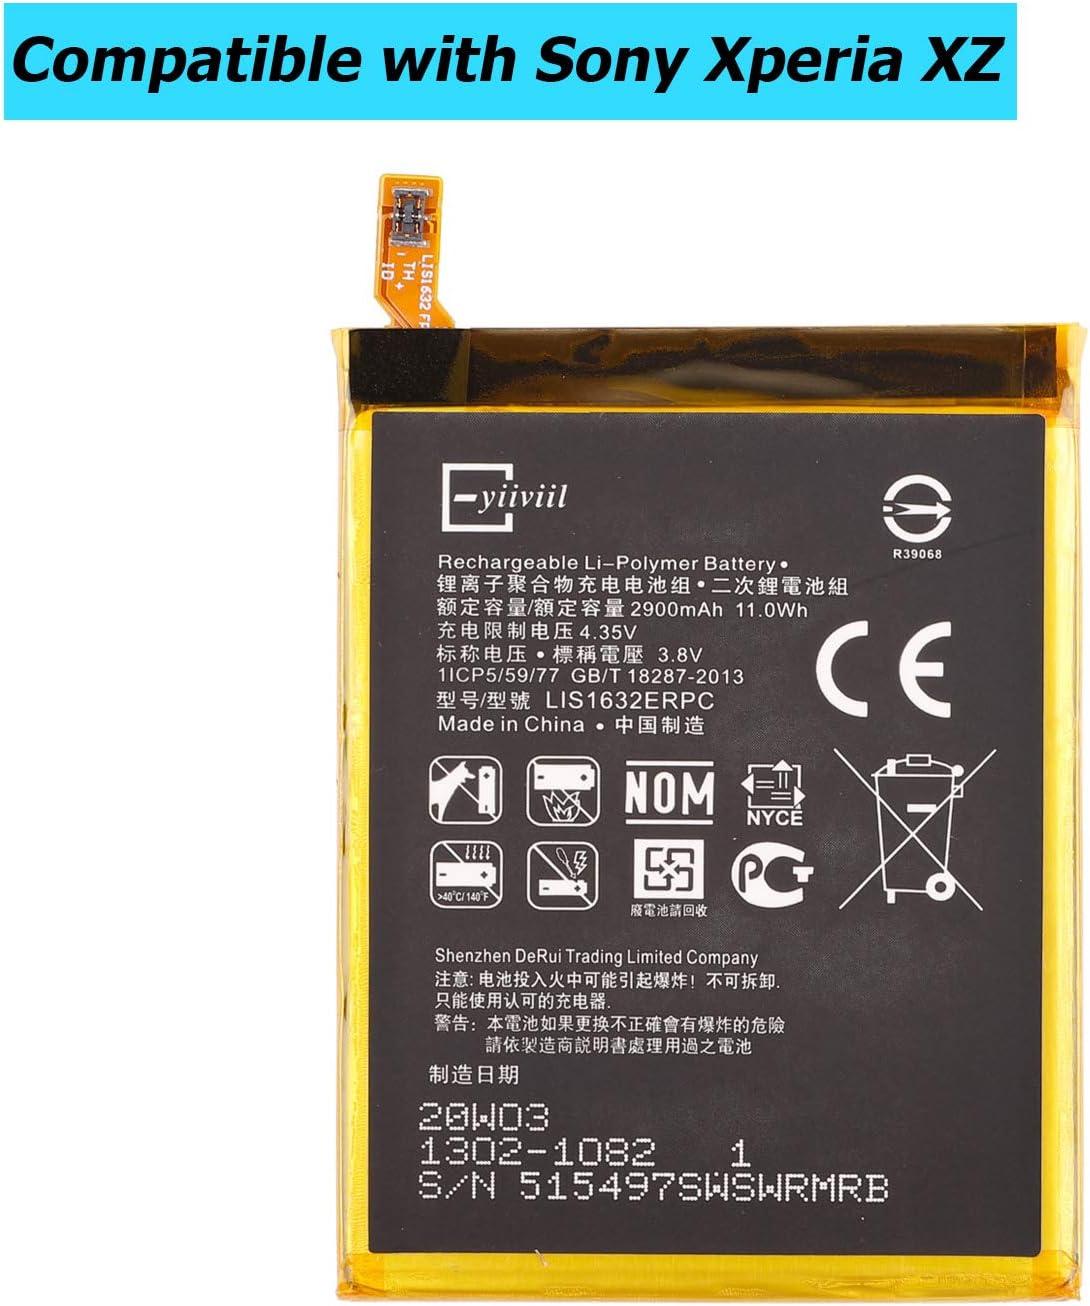 E-YIIVIIL LIS1632ERPC Bater/ía de repuesto compatible con Sony Xperia XZ F8331 F8332 con kit de herramientas